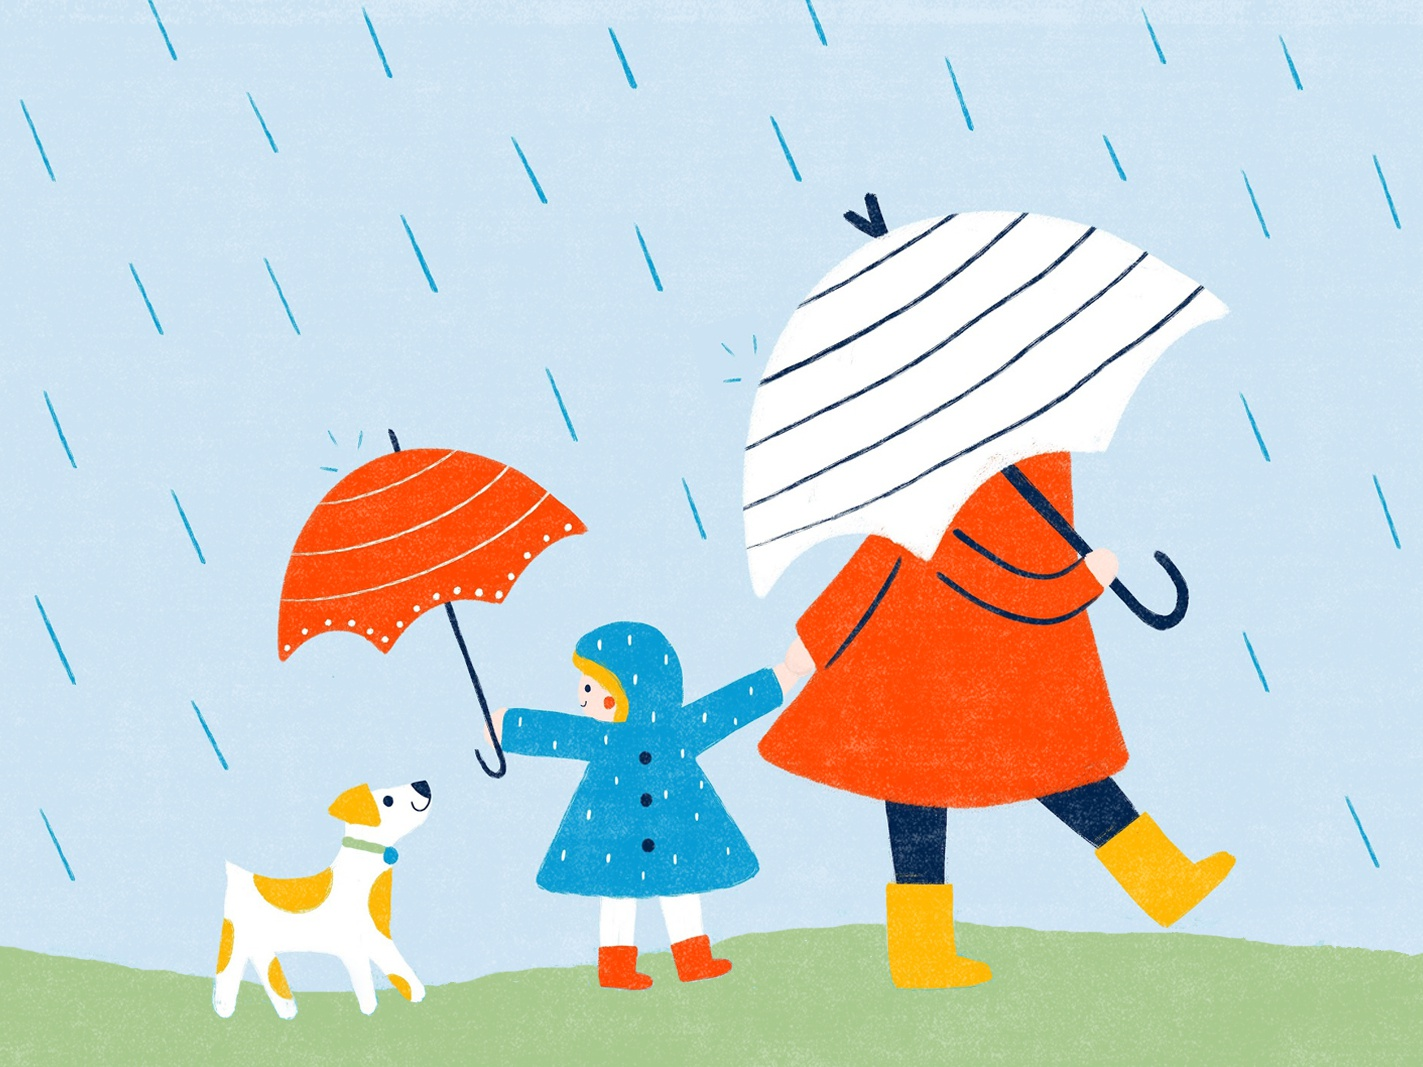 Rainy day disney rain children book illustration umbrella children kids dog